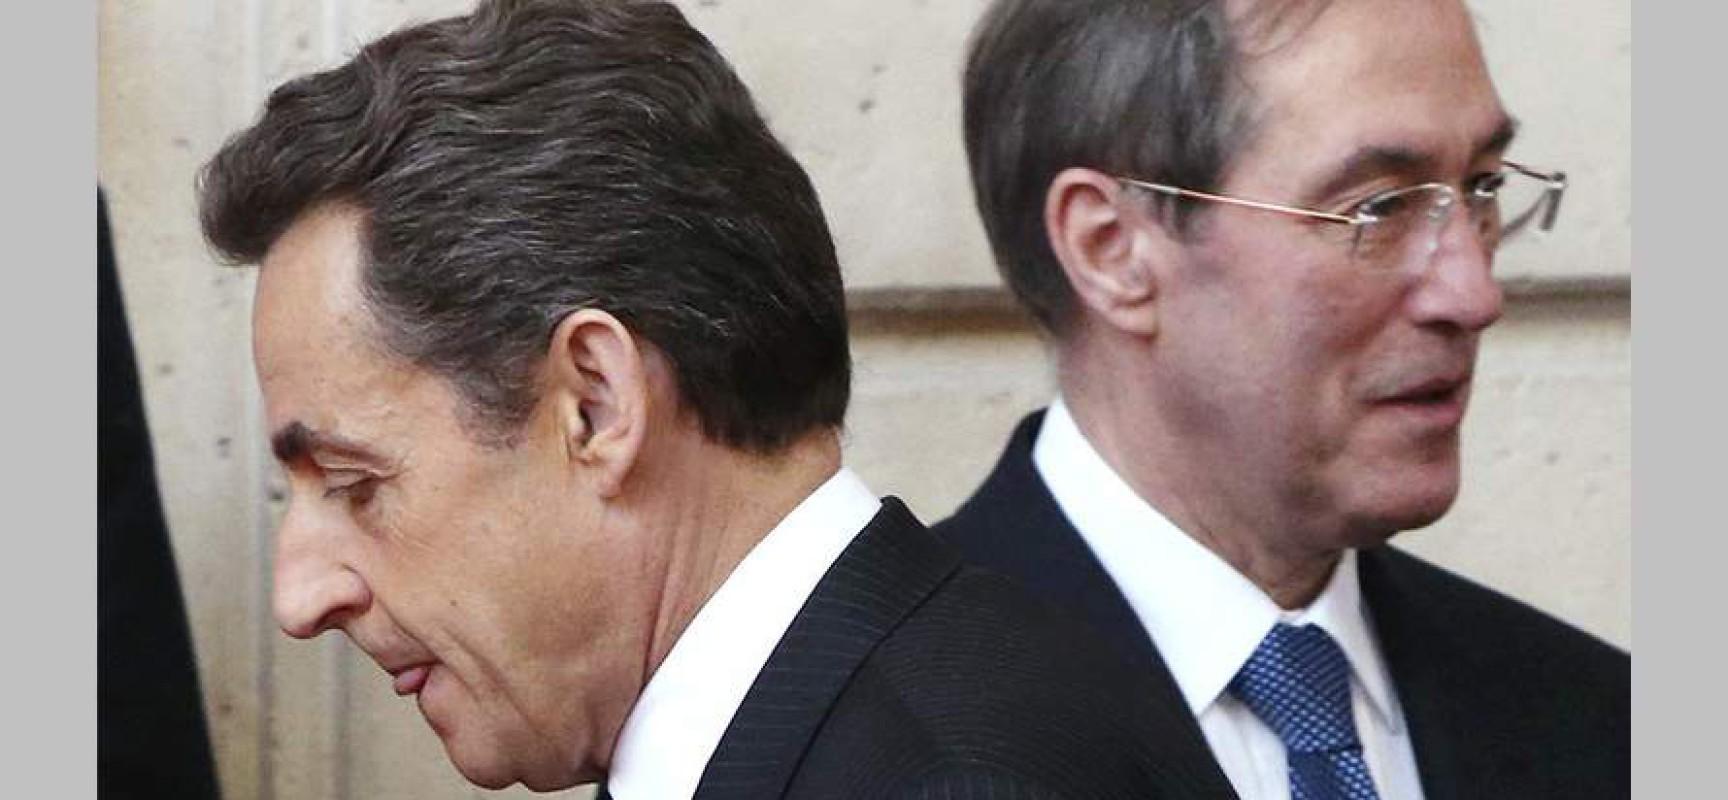 Financement libyen de Sarkozy : le porteur de valises Ziad Takieddine balance encore